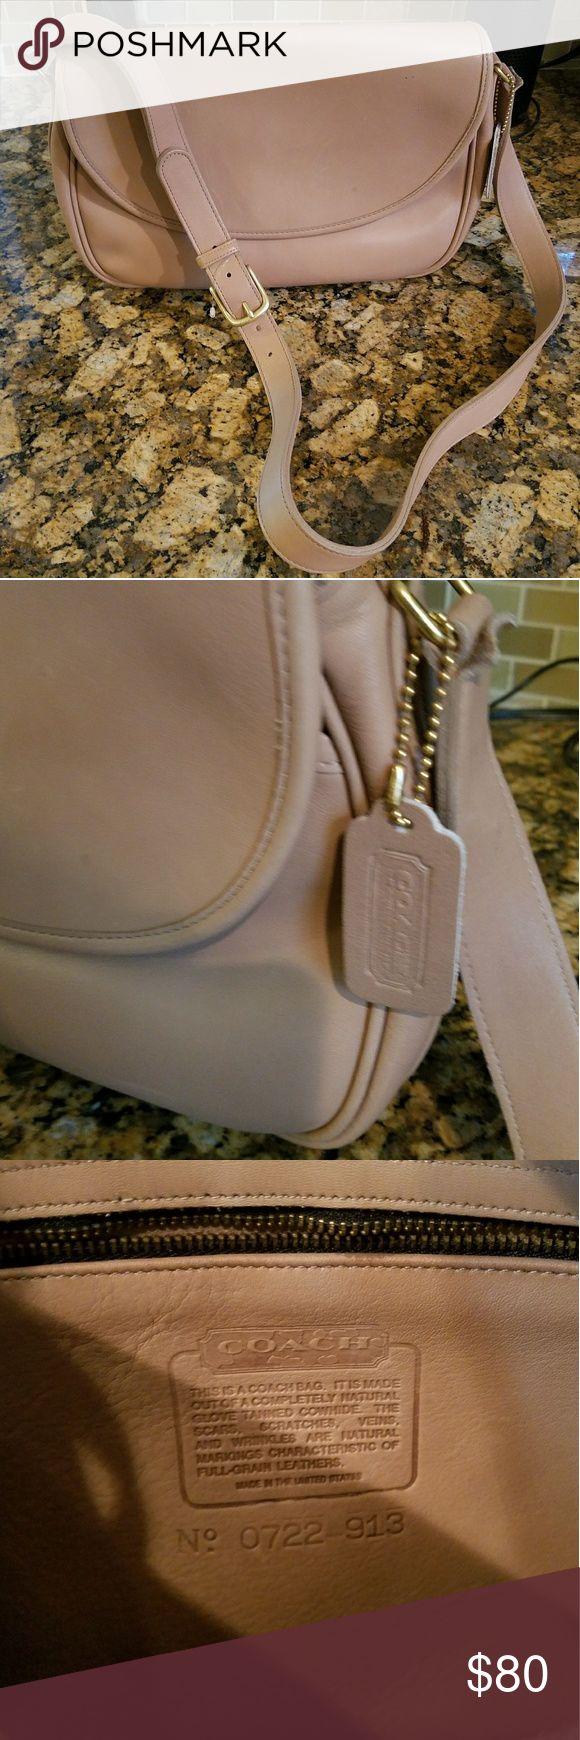 coach coin purse outlet 6o5o  Vintage Coach Satchel